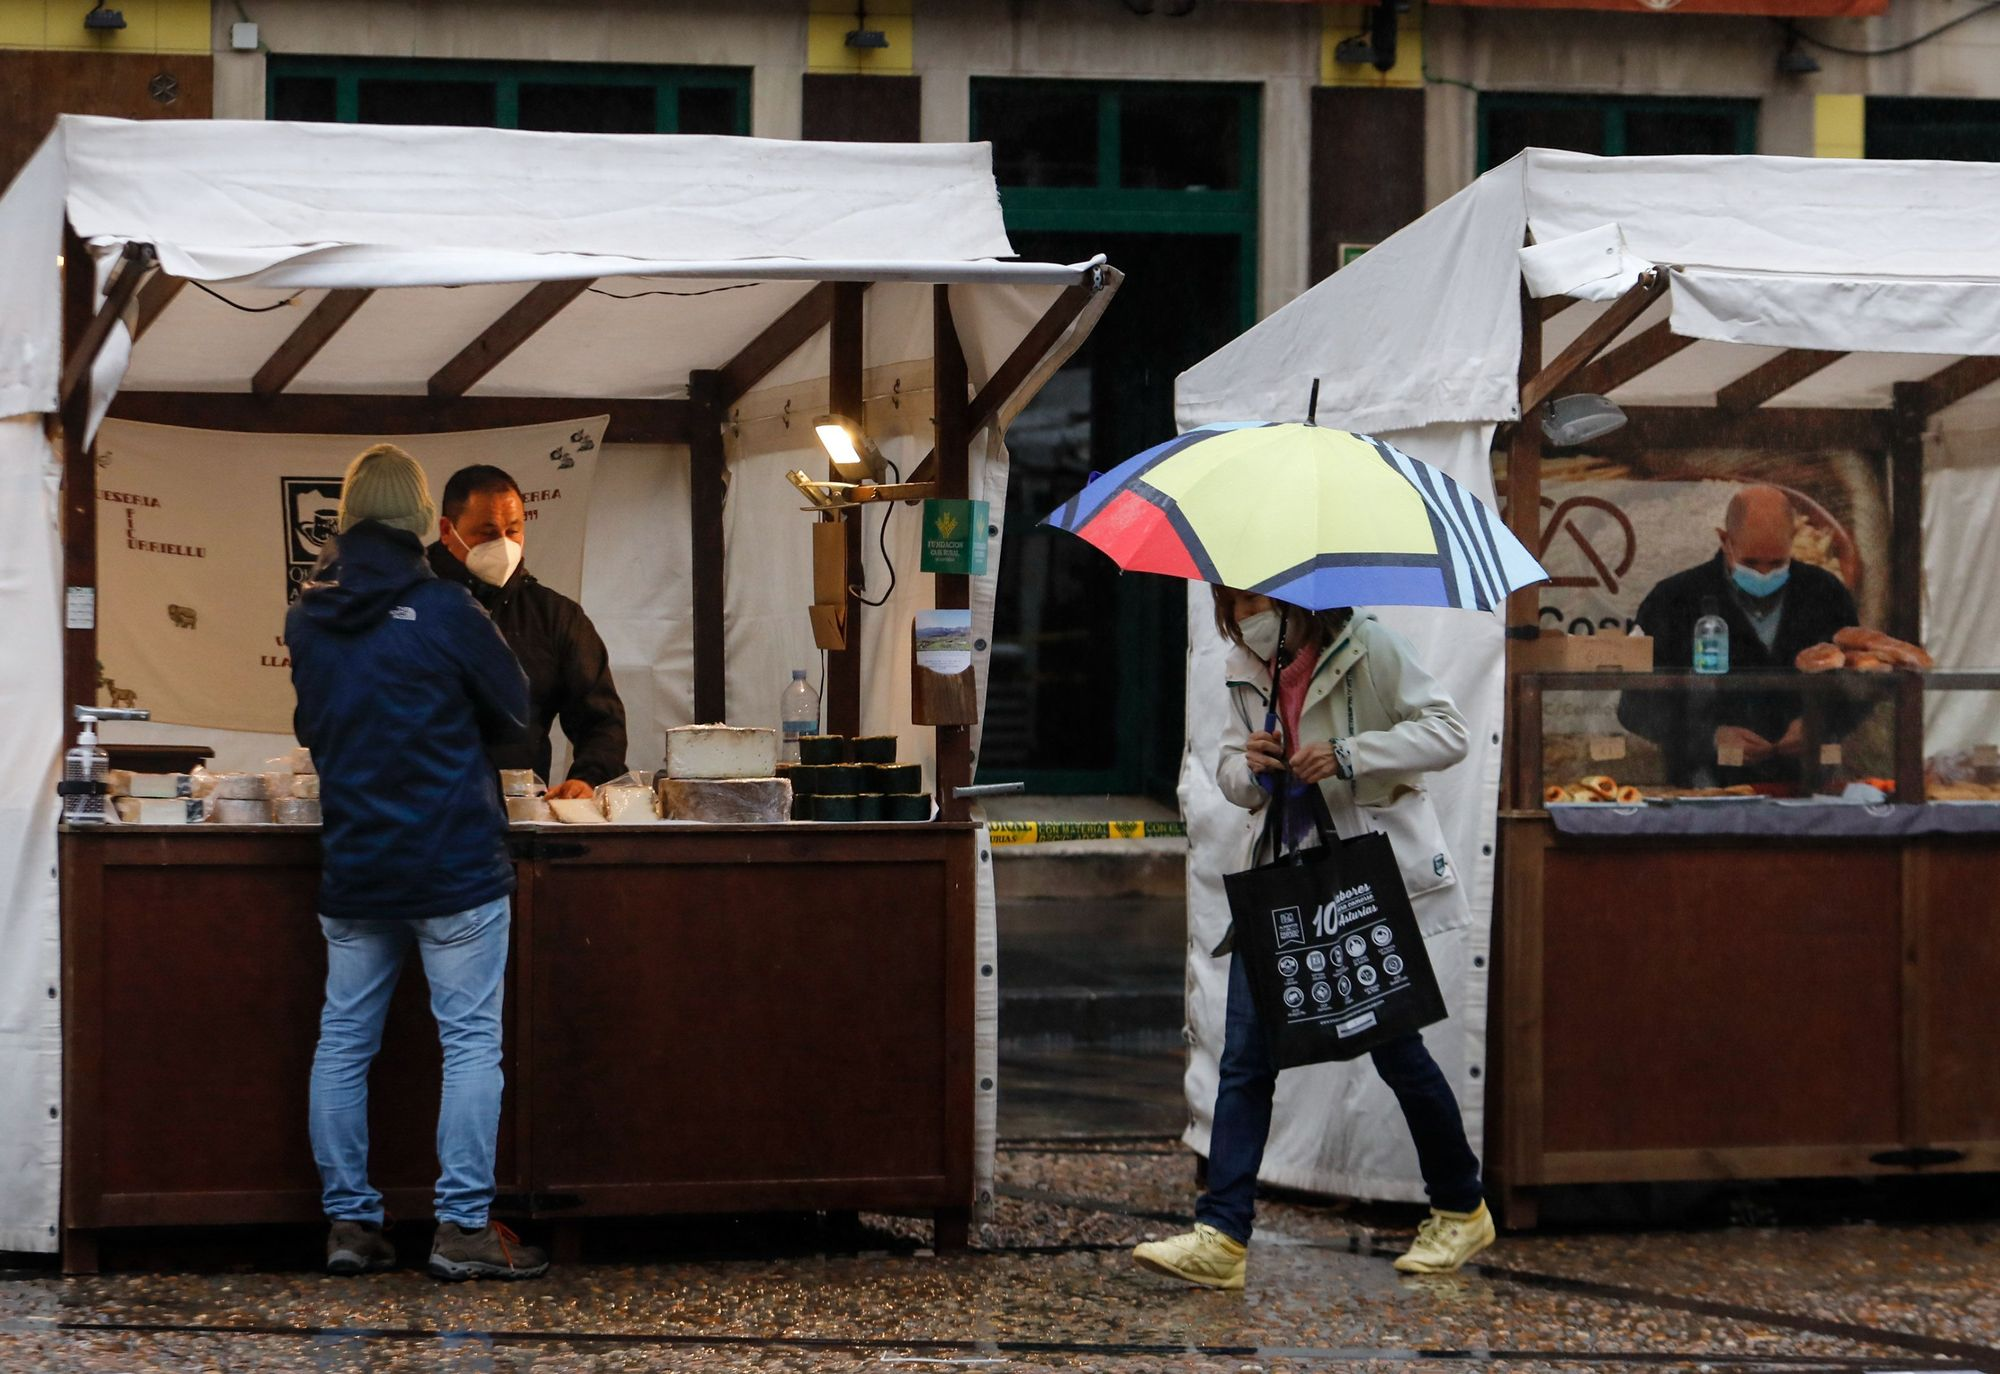 mercado artesano de Gijón. Juan Plaza.jpg